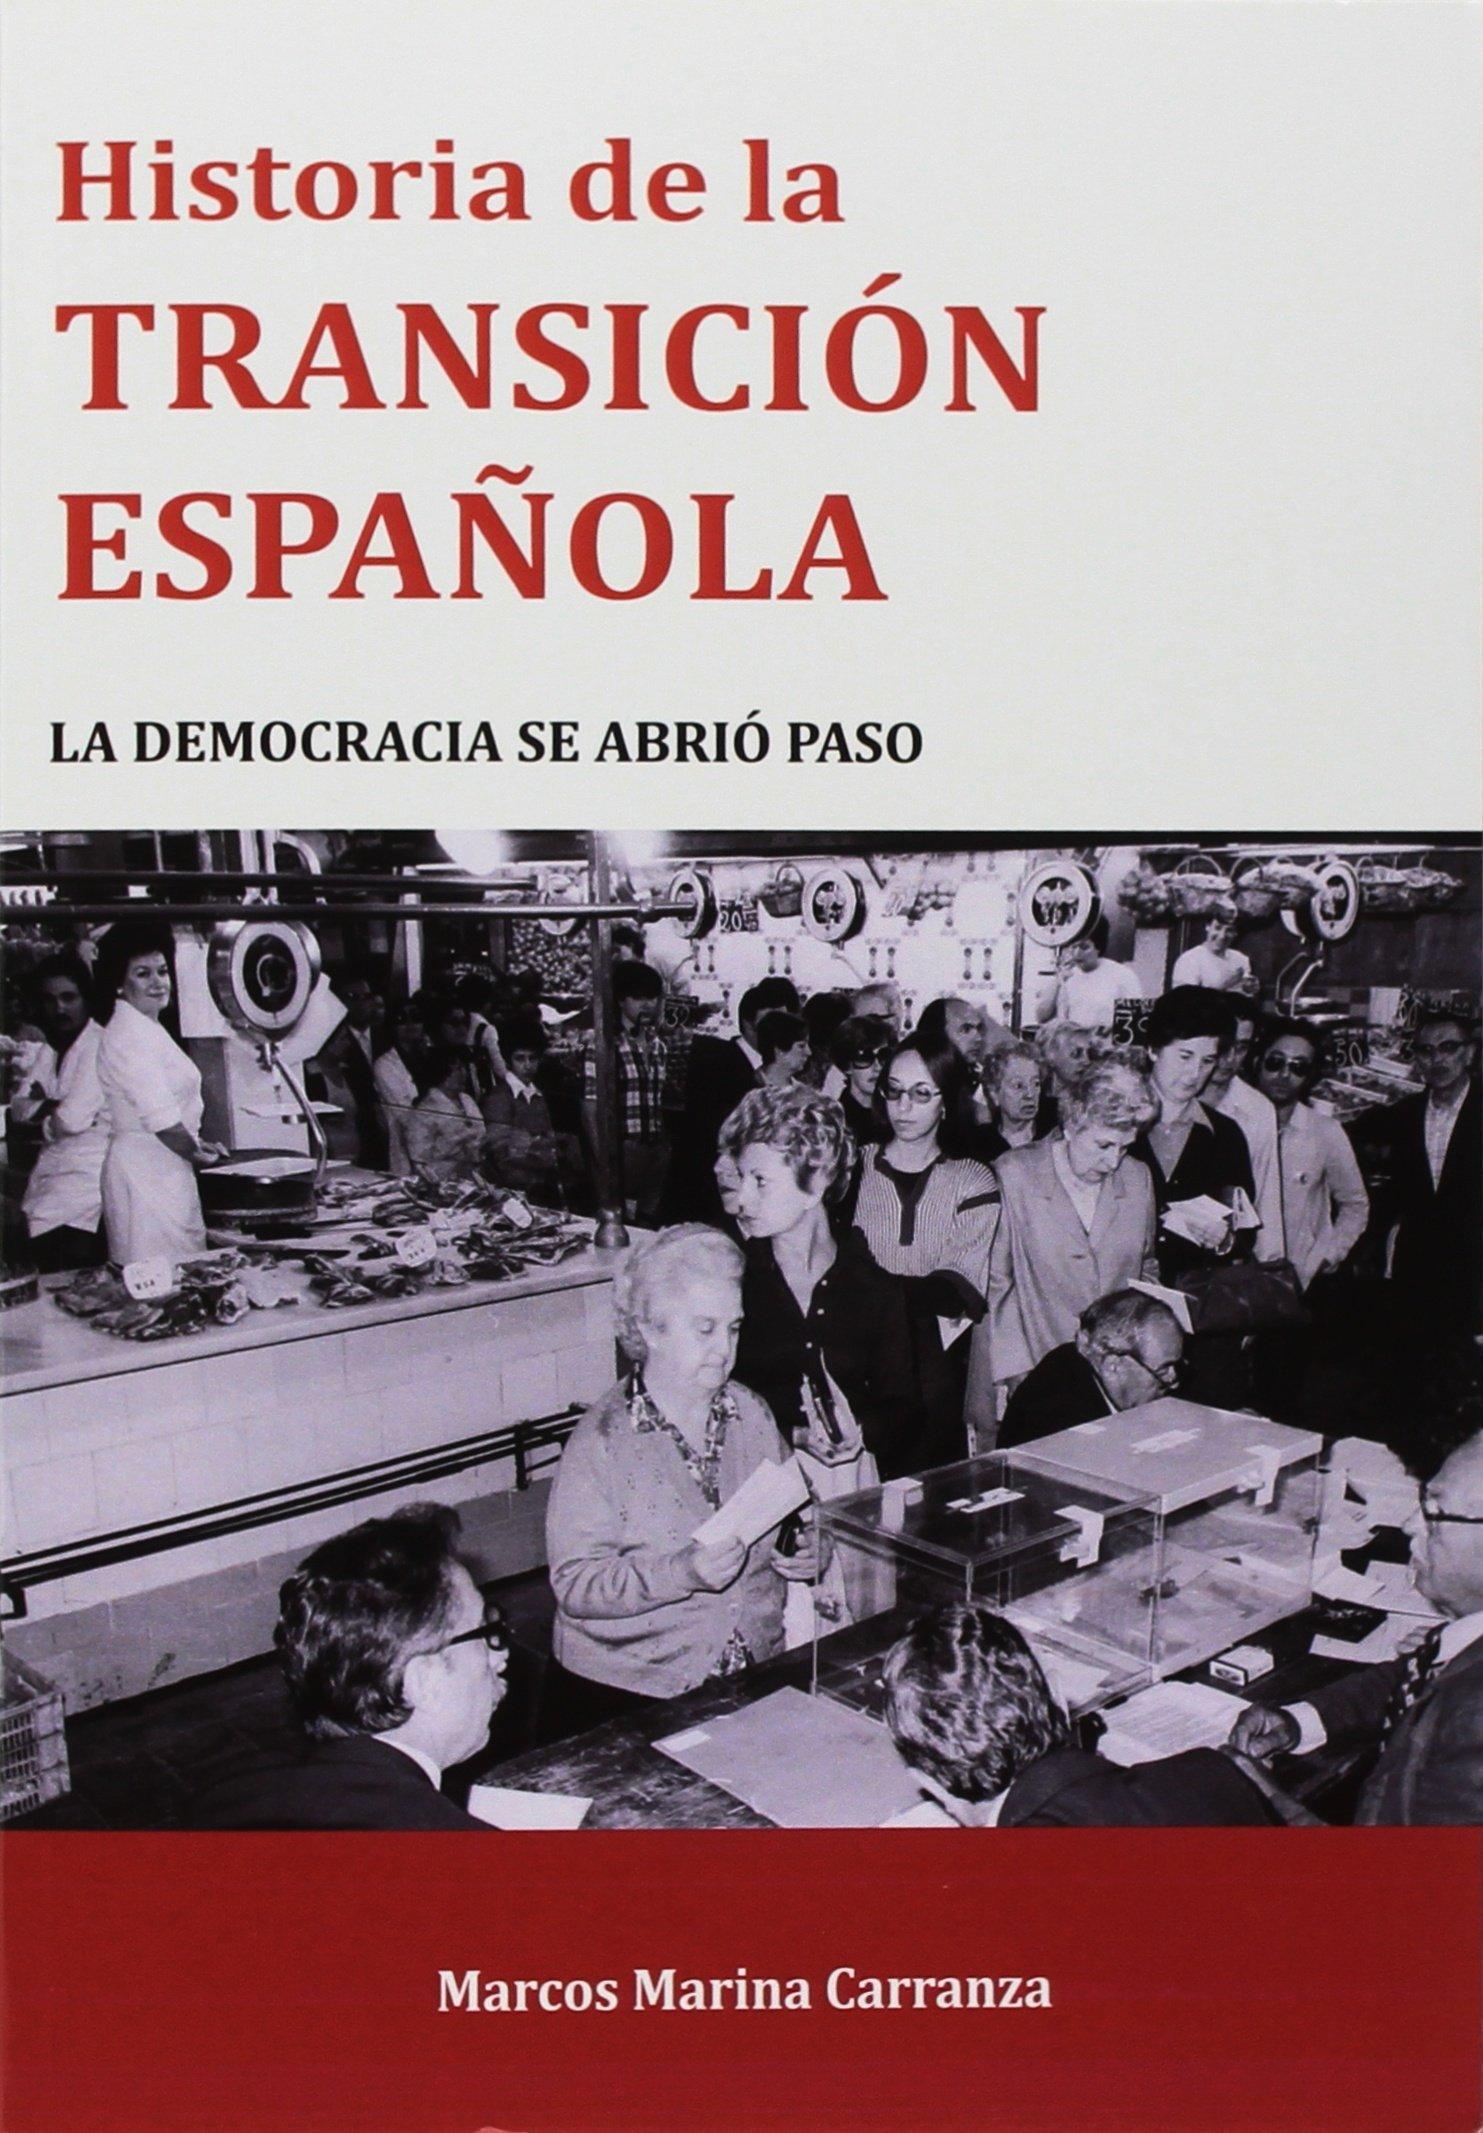 Historia de la Transición Española (Prokomun): Amazon.es: Marina Carranza, Marcos: Libros